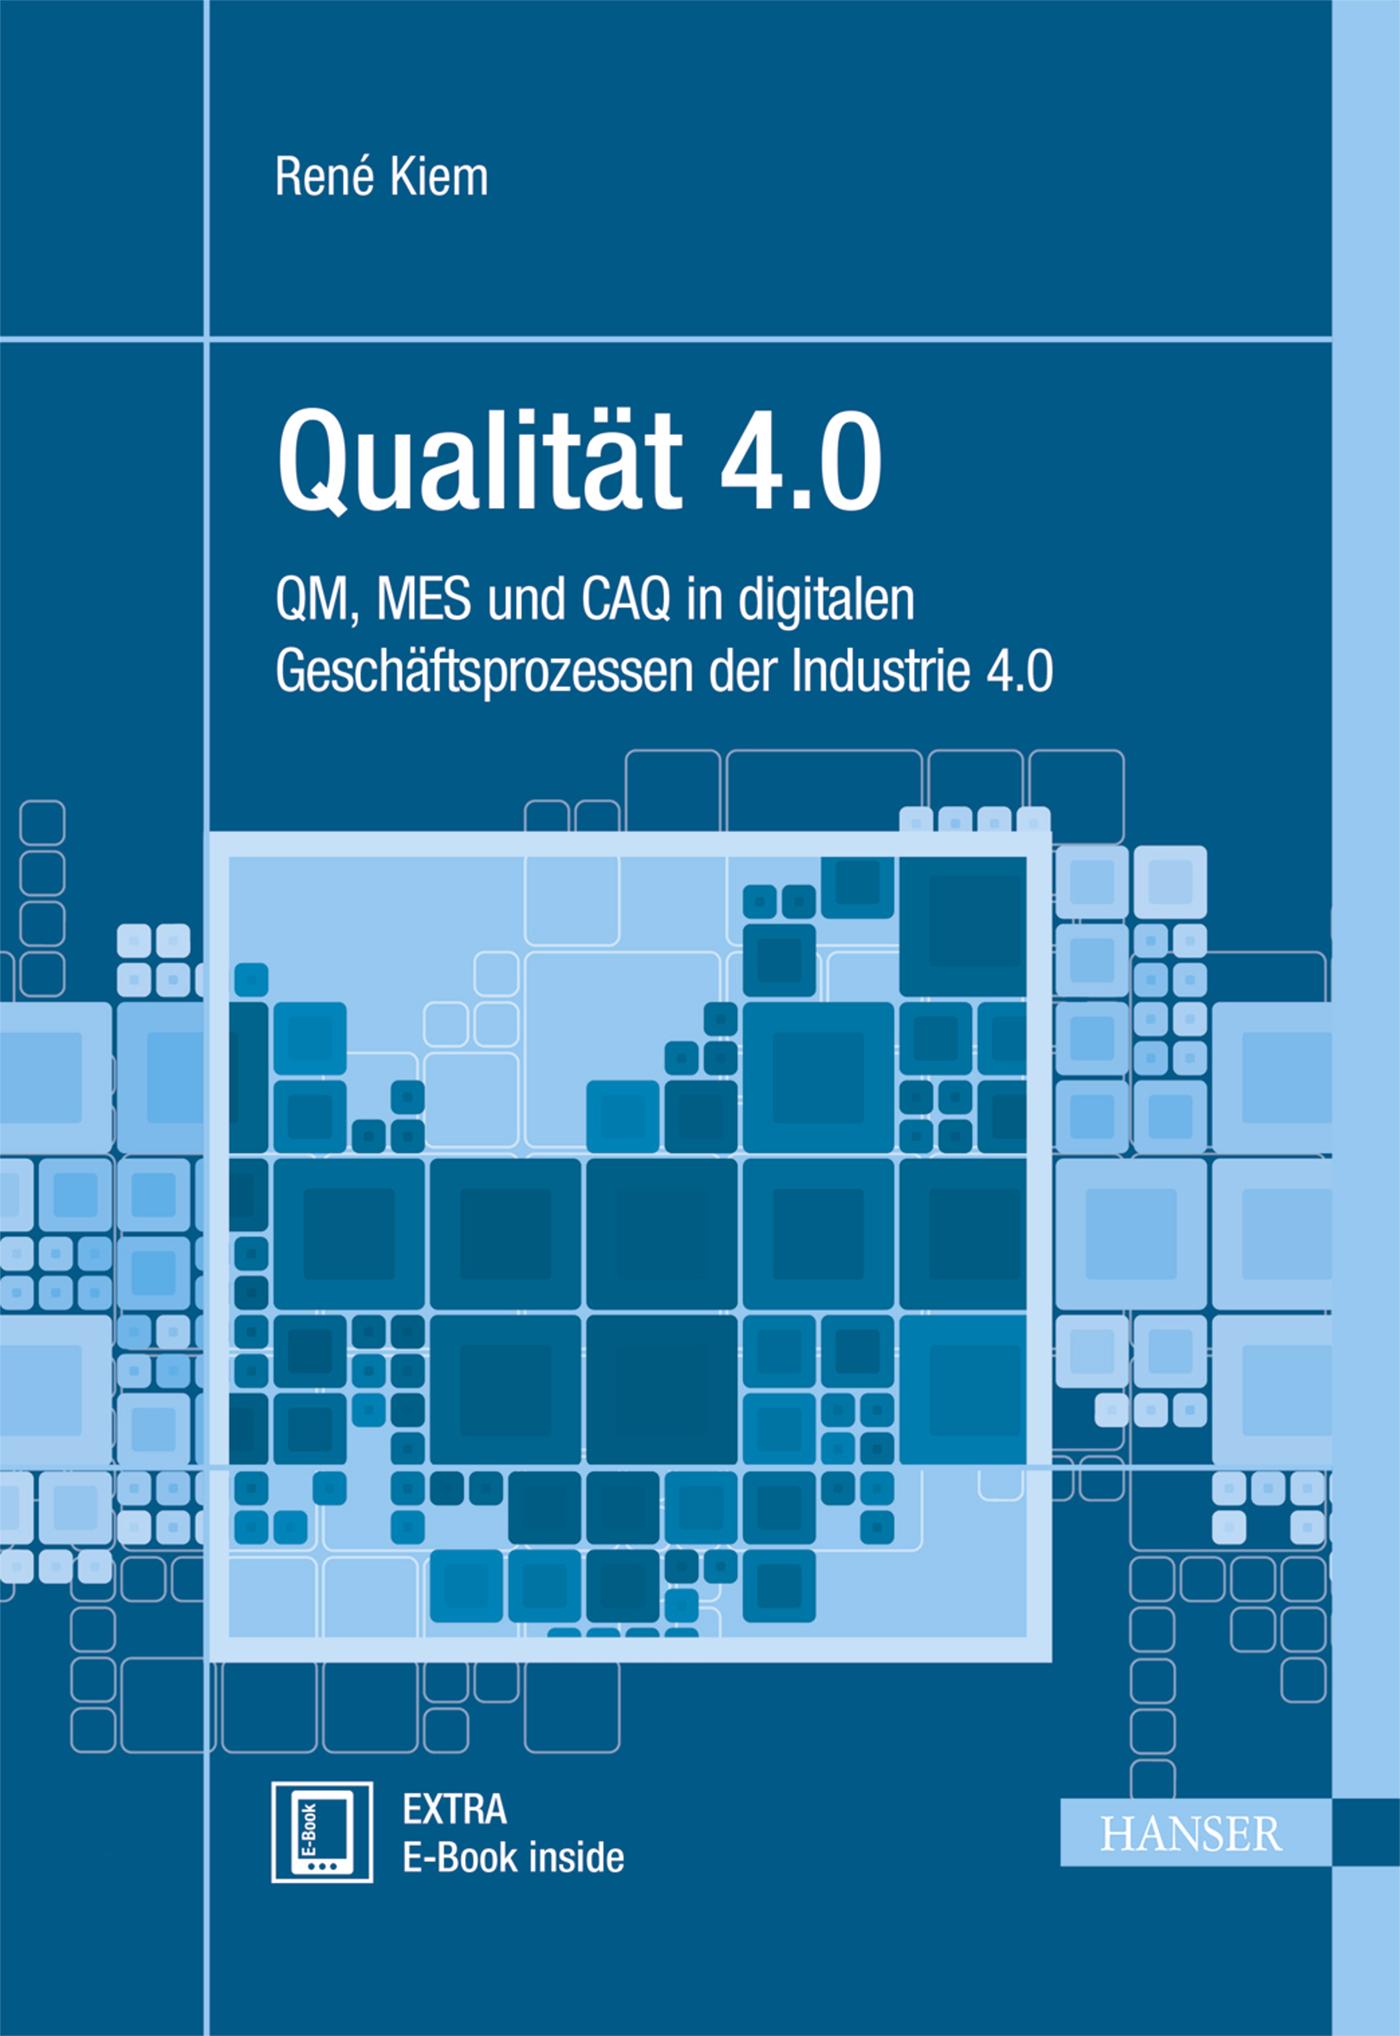 Kiem, Qualität 4.0, 978-3-446-44736-3